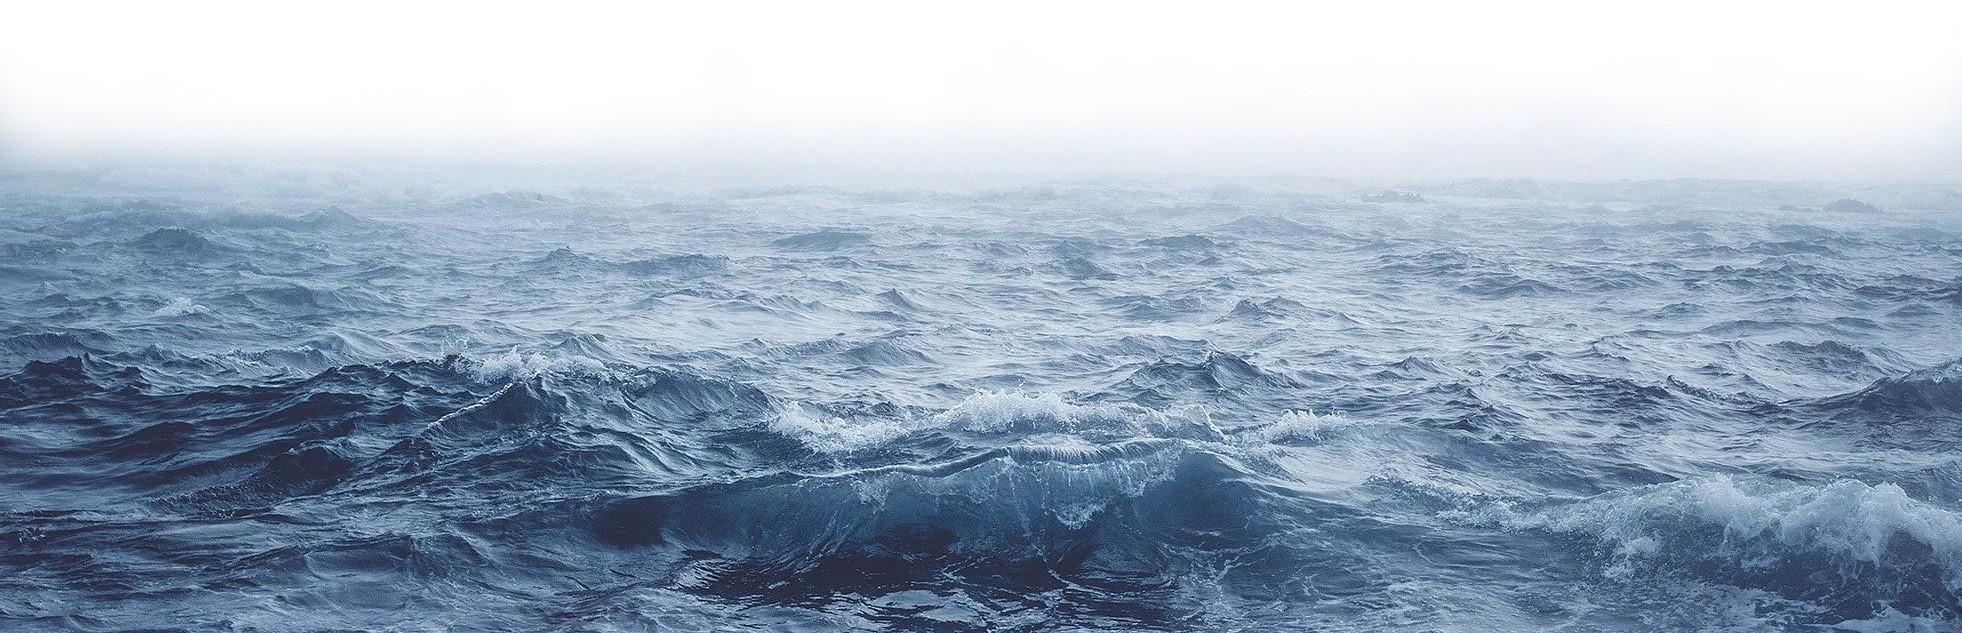 Fading_ocean_afbeelding